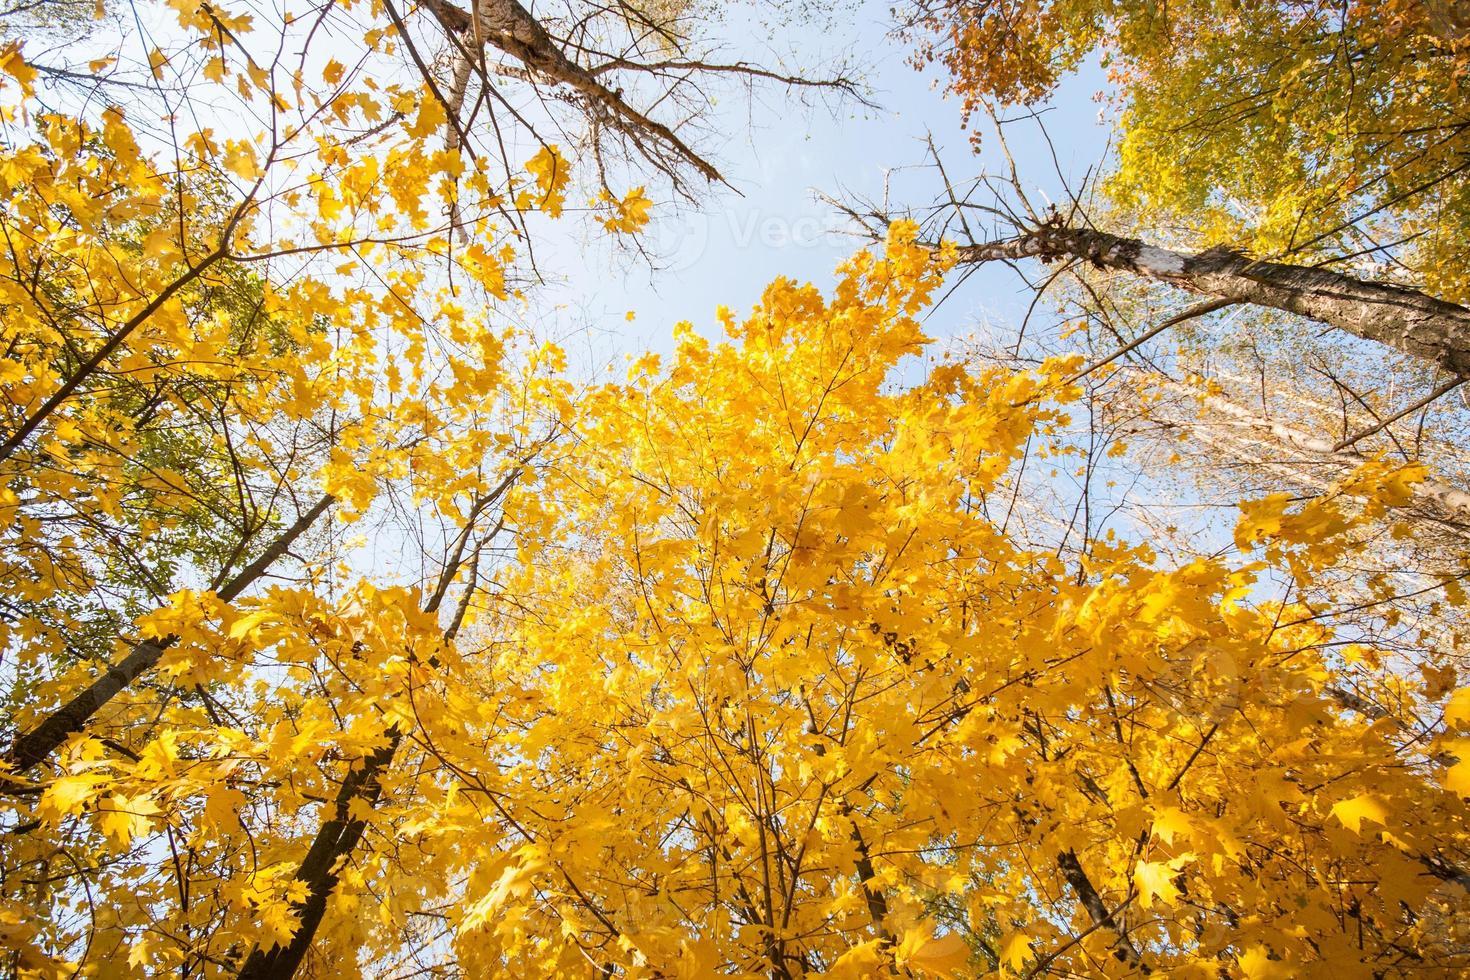 Herbstahorn gegen den blauen Himmel foto